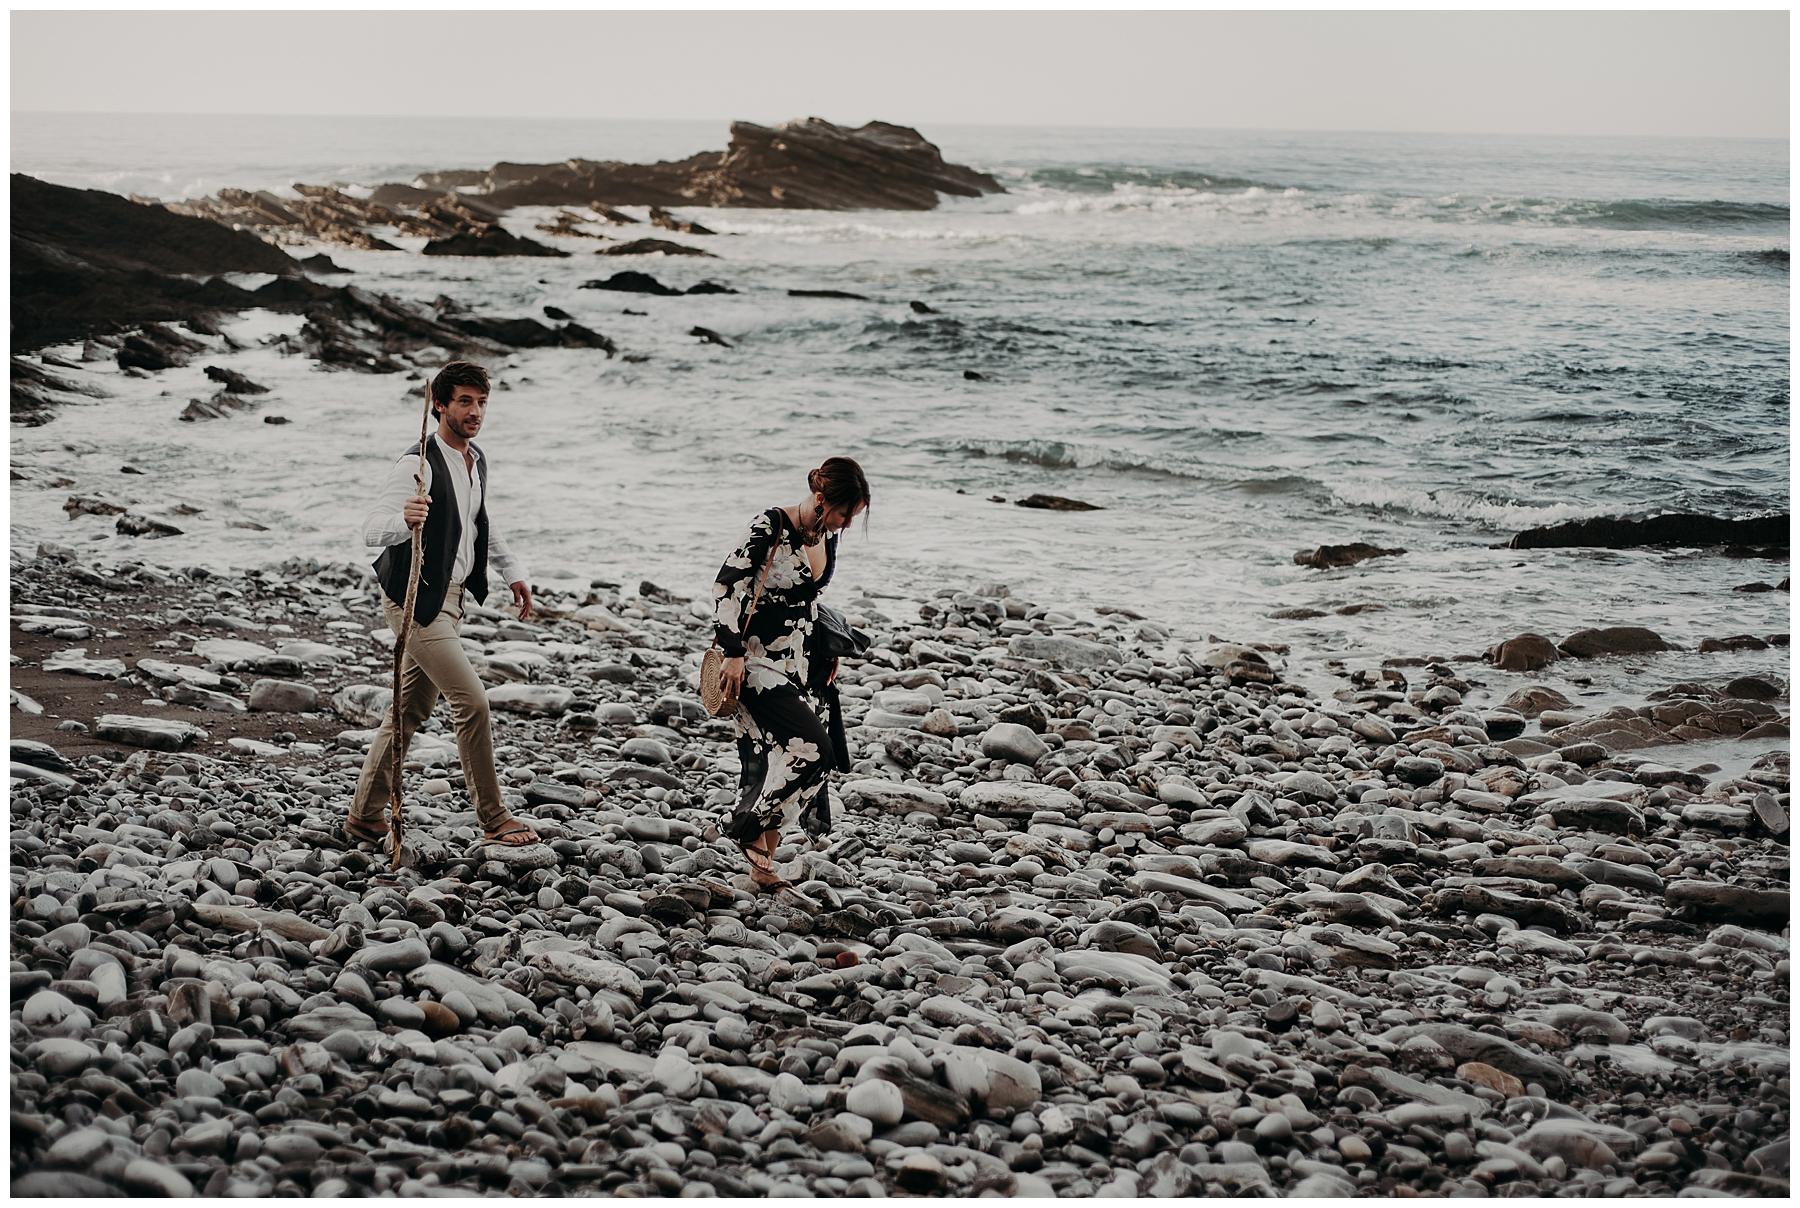 baade sur la plage de rocher, séance couple, pays basque